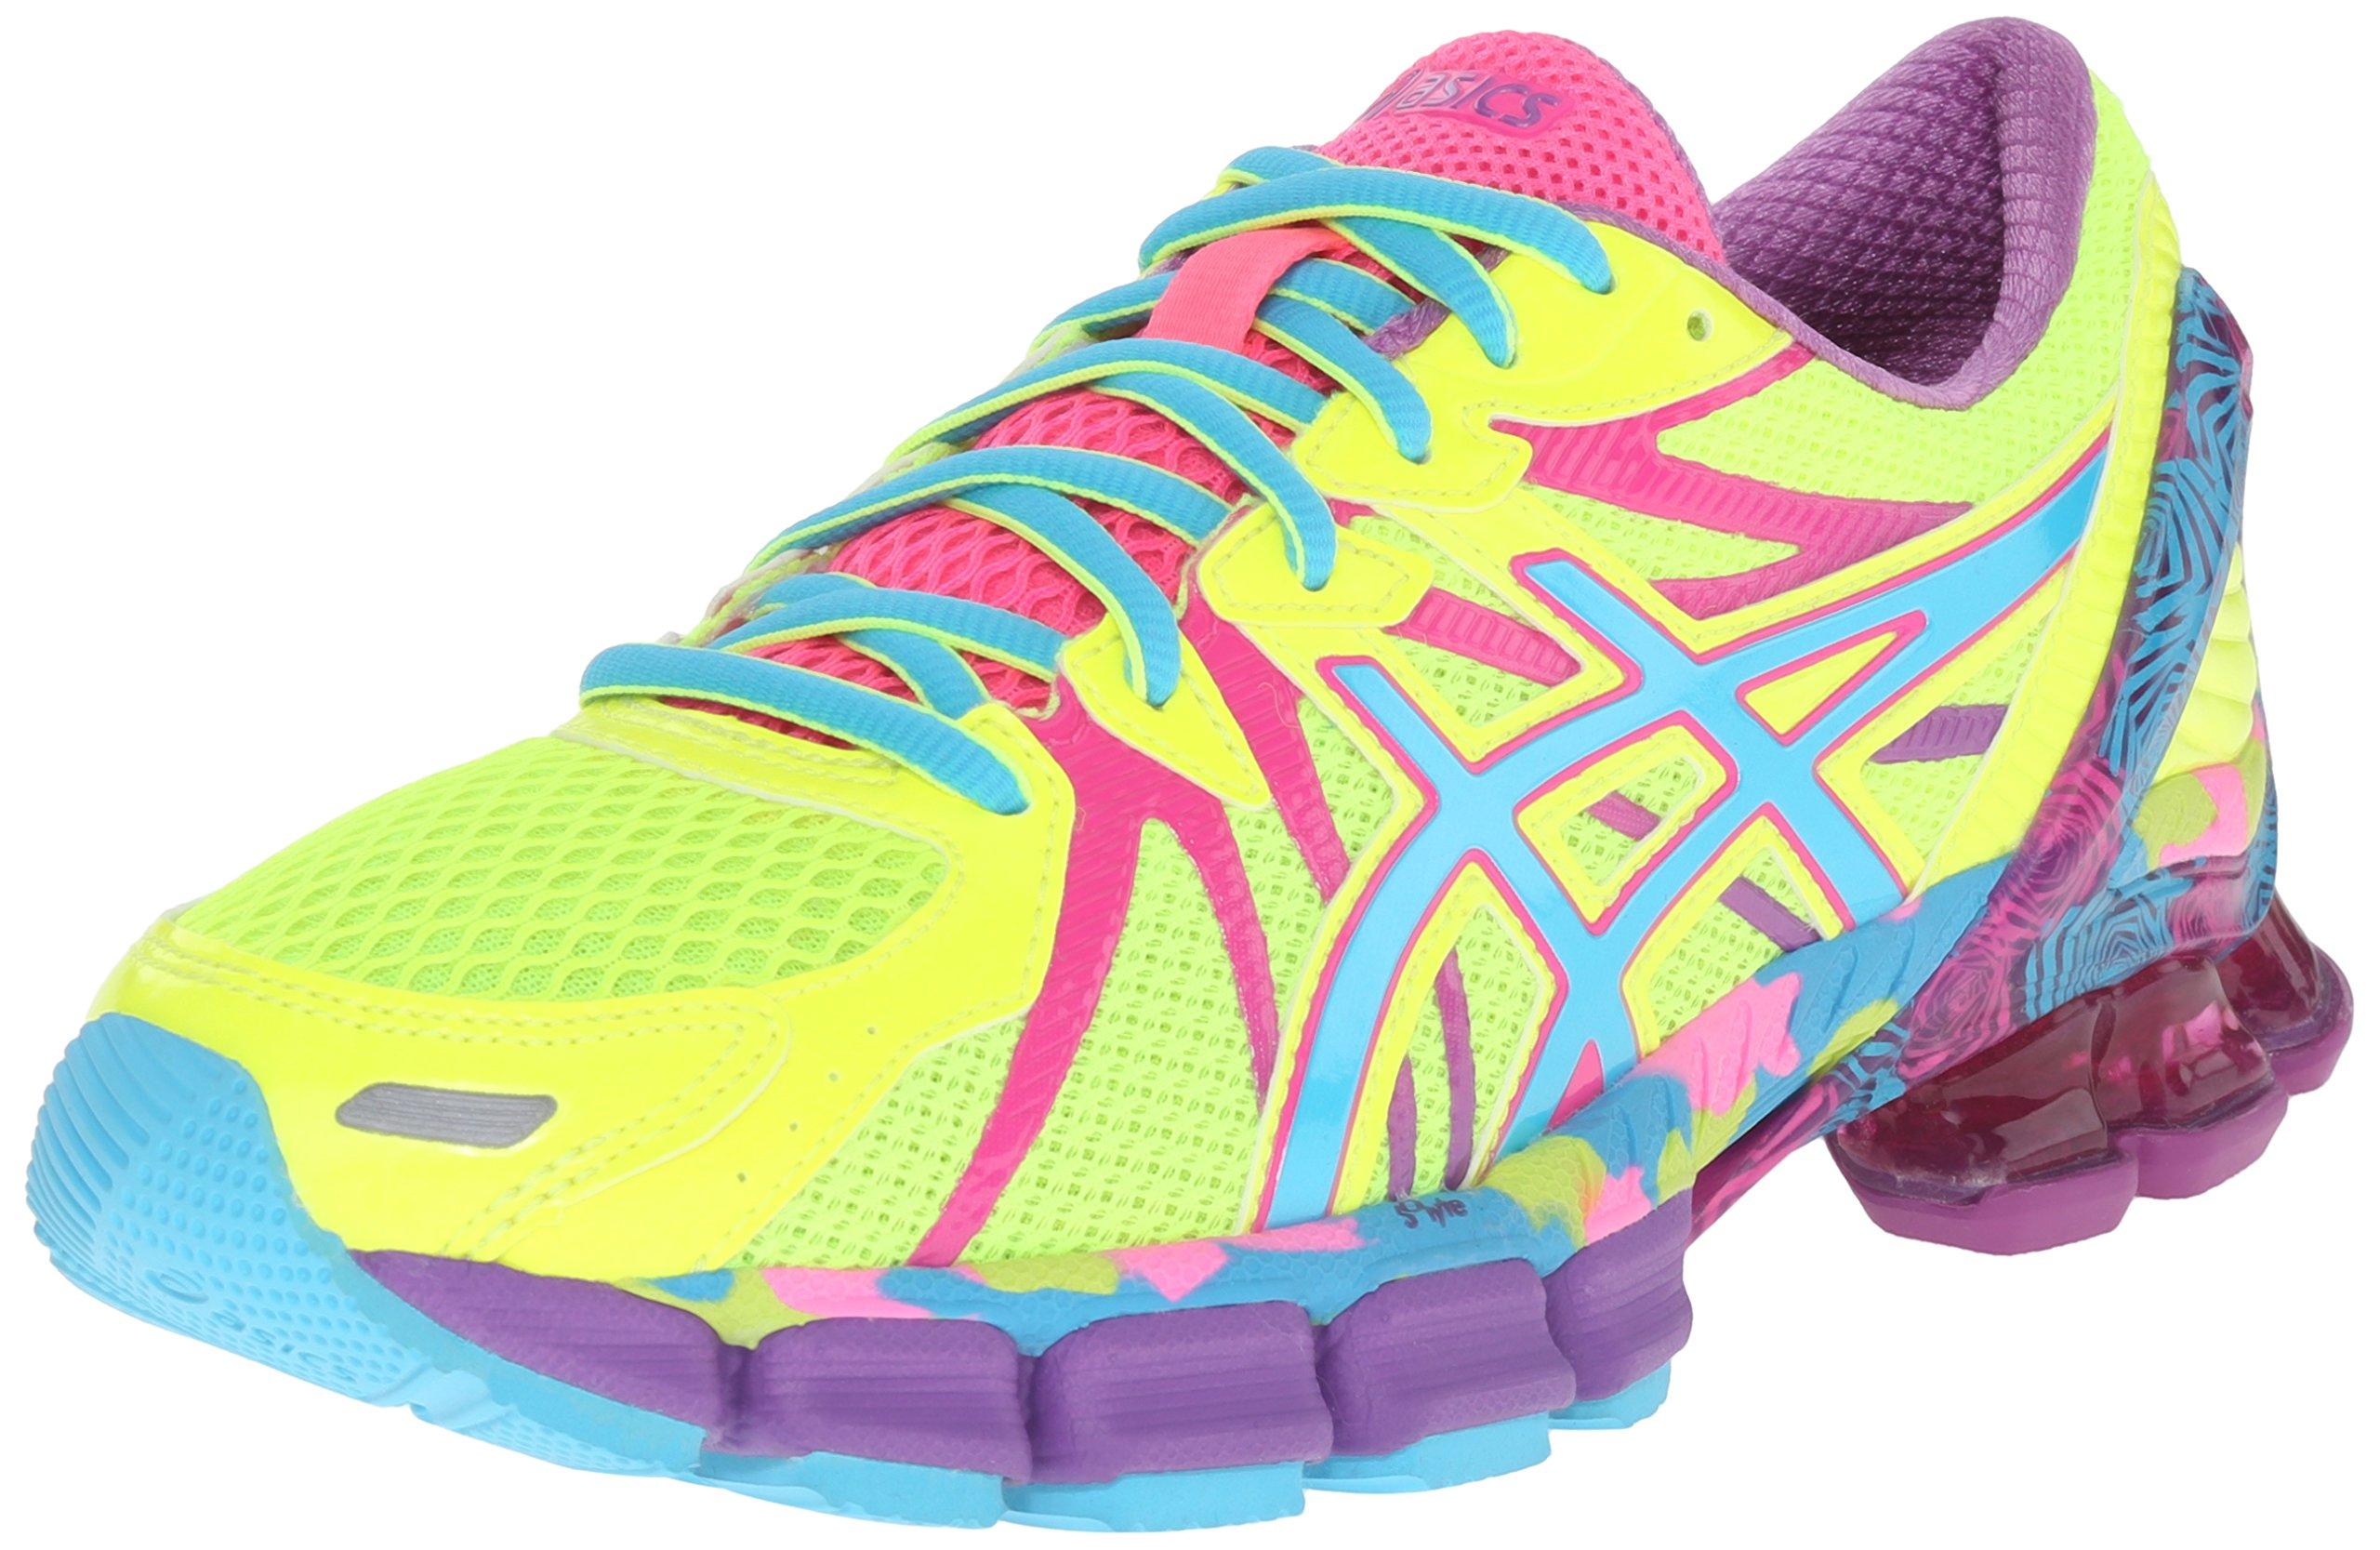 ASICS Women's Gel-Sendai 3 Running Shoe, Flash Yellow/Turquoise/Hot Pink, 6.5 M US